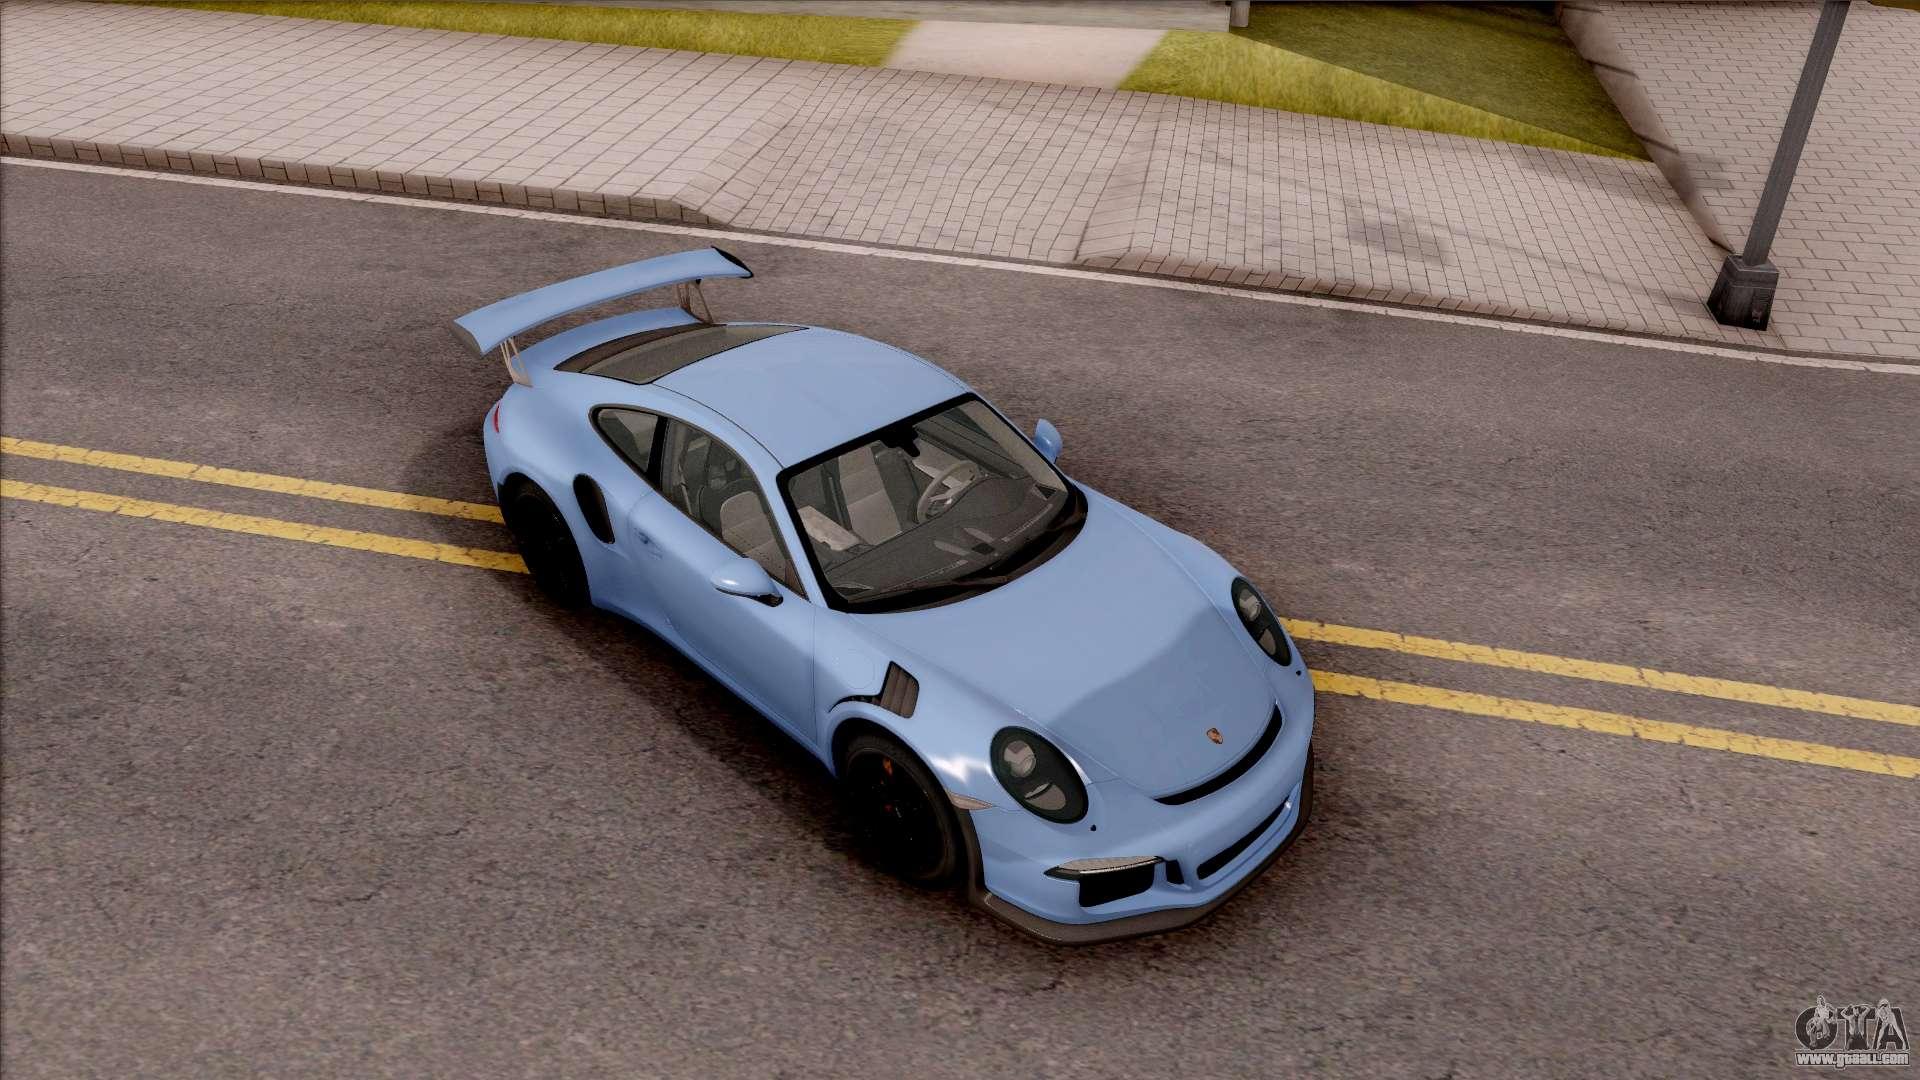 530777-enb2017-11-17-23-37-58 Remarkable Porsche 911 Gt2 Xbox 360 Cars Trend